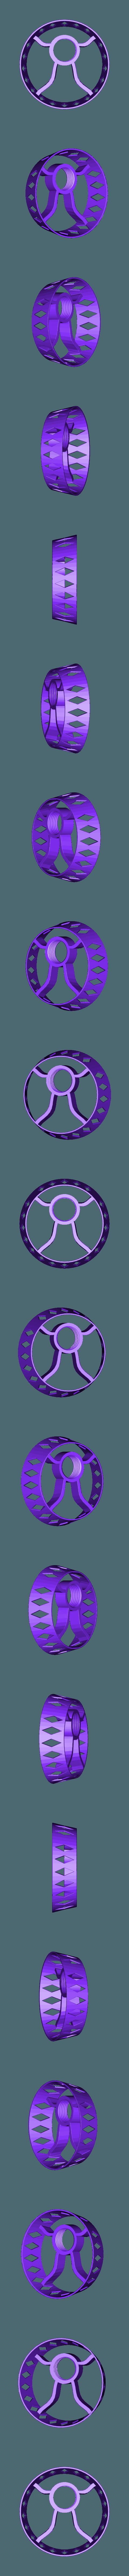 AntMoatPetFeeder_v2-BowlHolder.stl Download free STL file Ant-Proof Pet Feeder • 3D printing model, DuaneIndeed